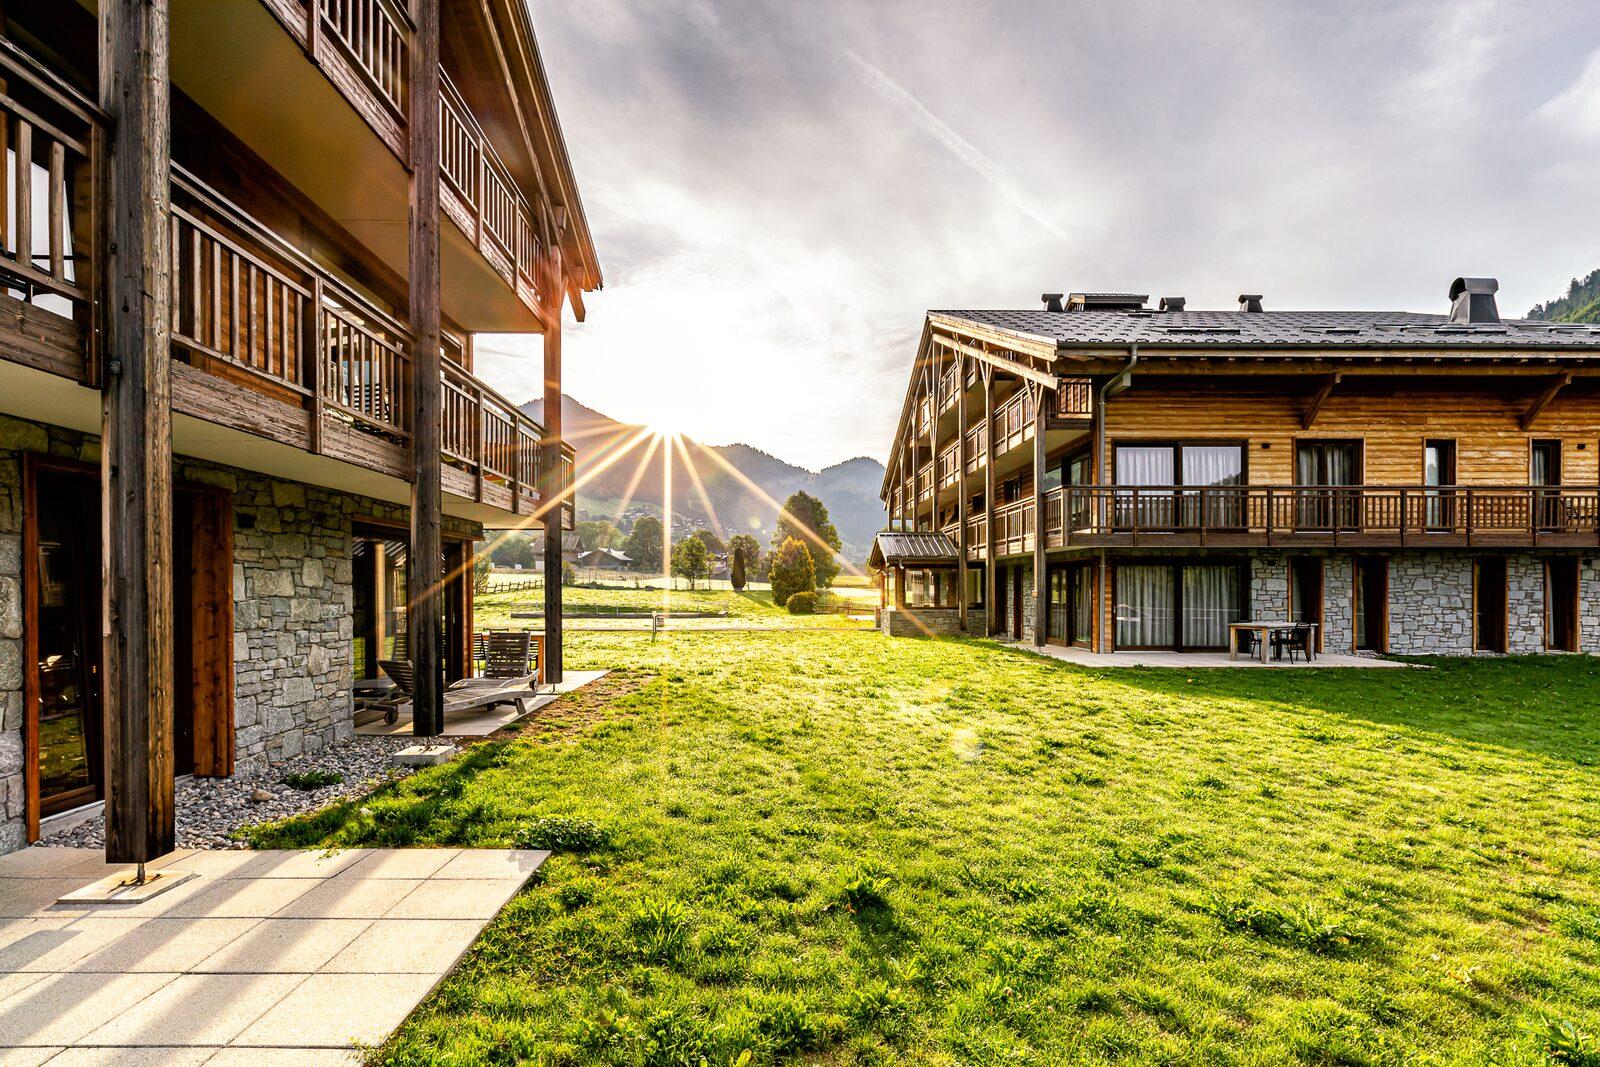 Droomt u ook van een vakantie in de Franse Alpen?